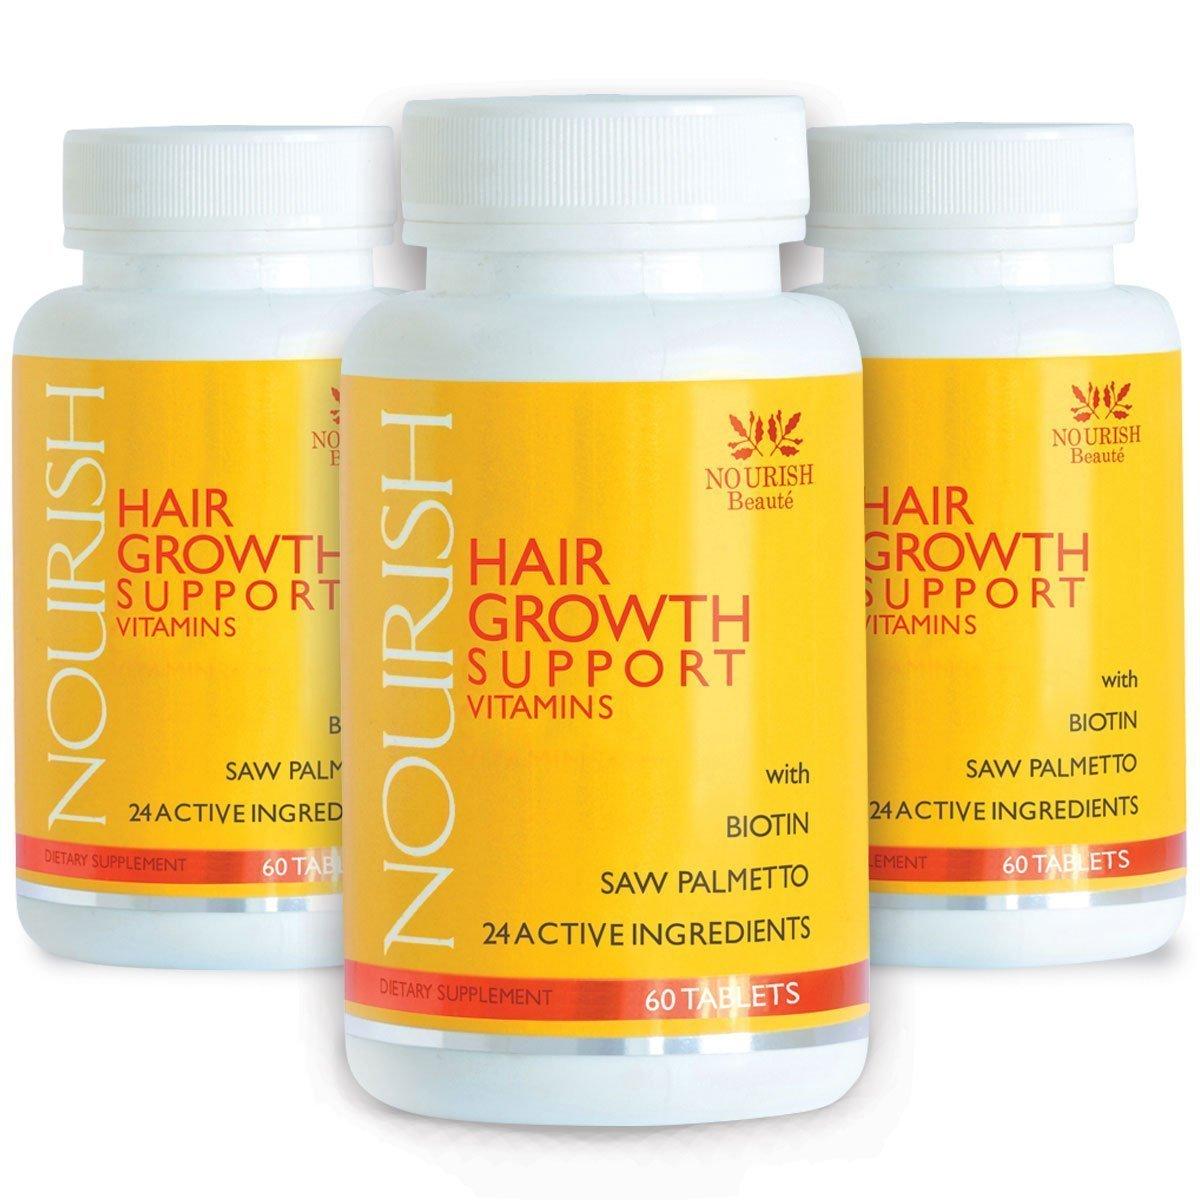 Nourish Beaute– Vitamine per nutrire la crescita dei capelli con biotina e bloccanti DHT- miglioramenti garantiti, meno perdita e pelle e unghie più belle NB-SUPPLEMENT-01-SINGLE